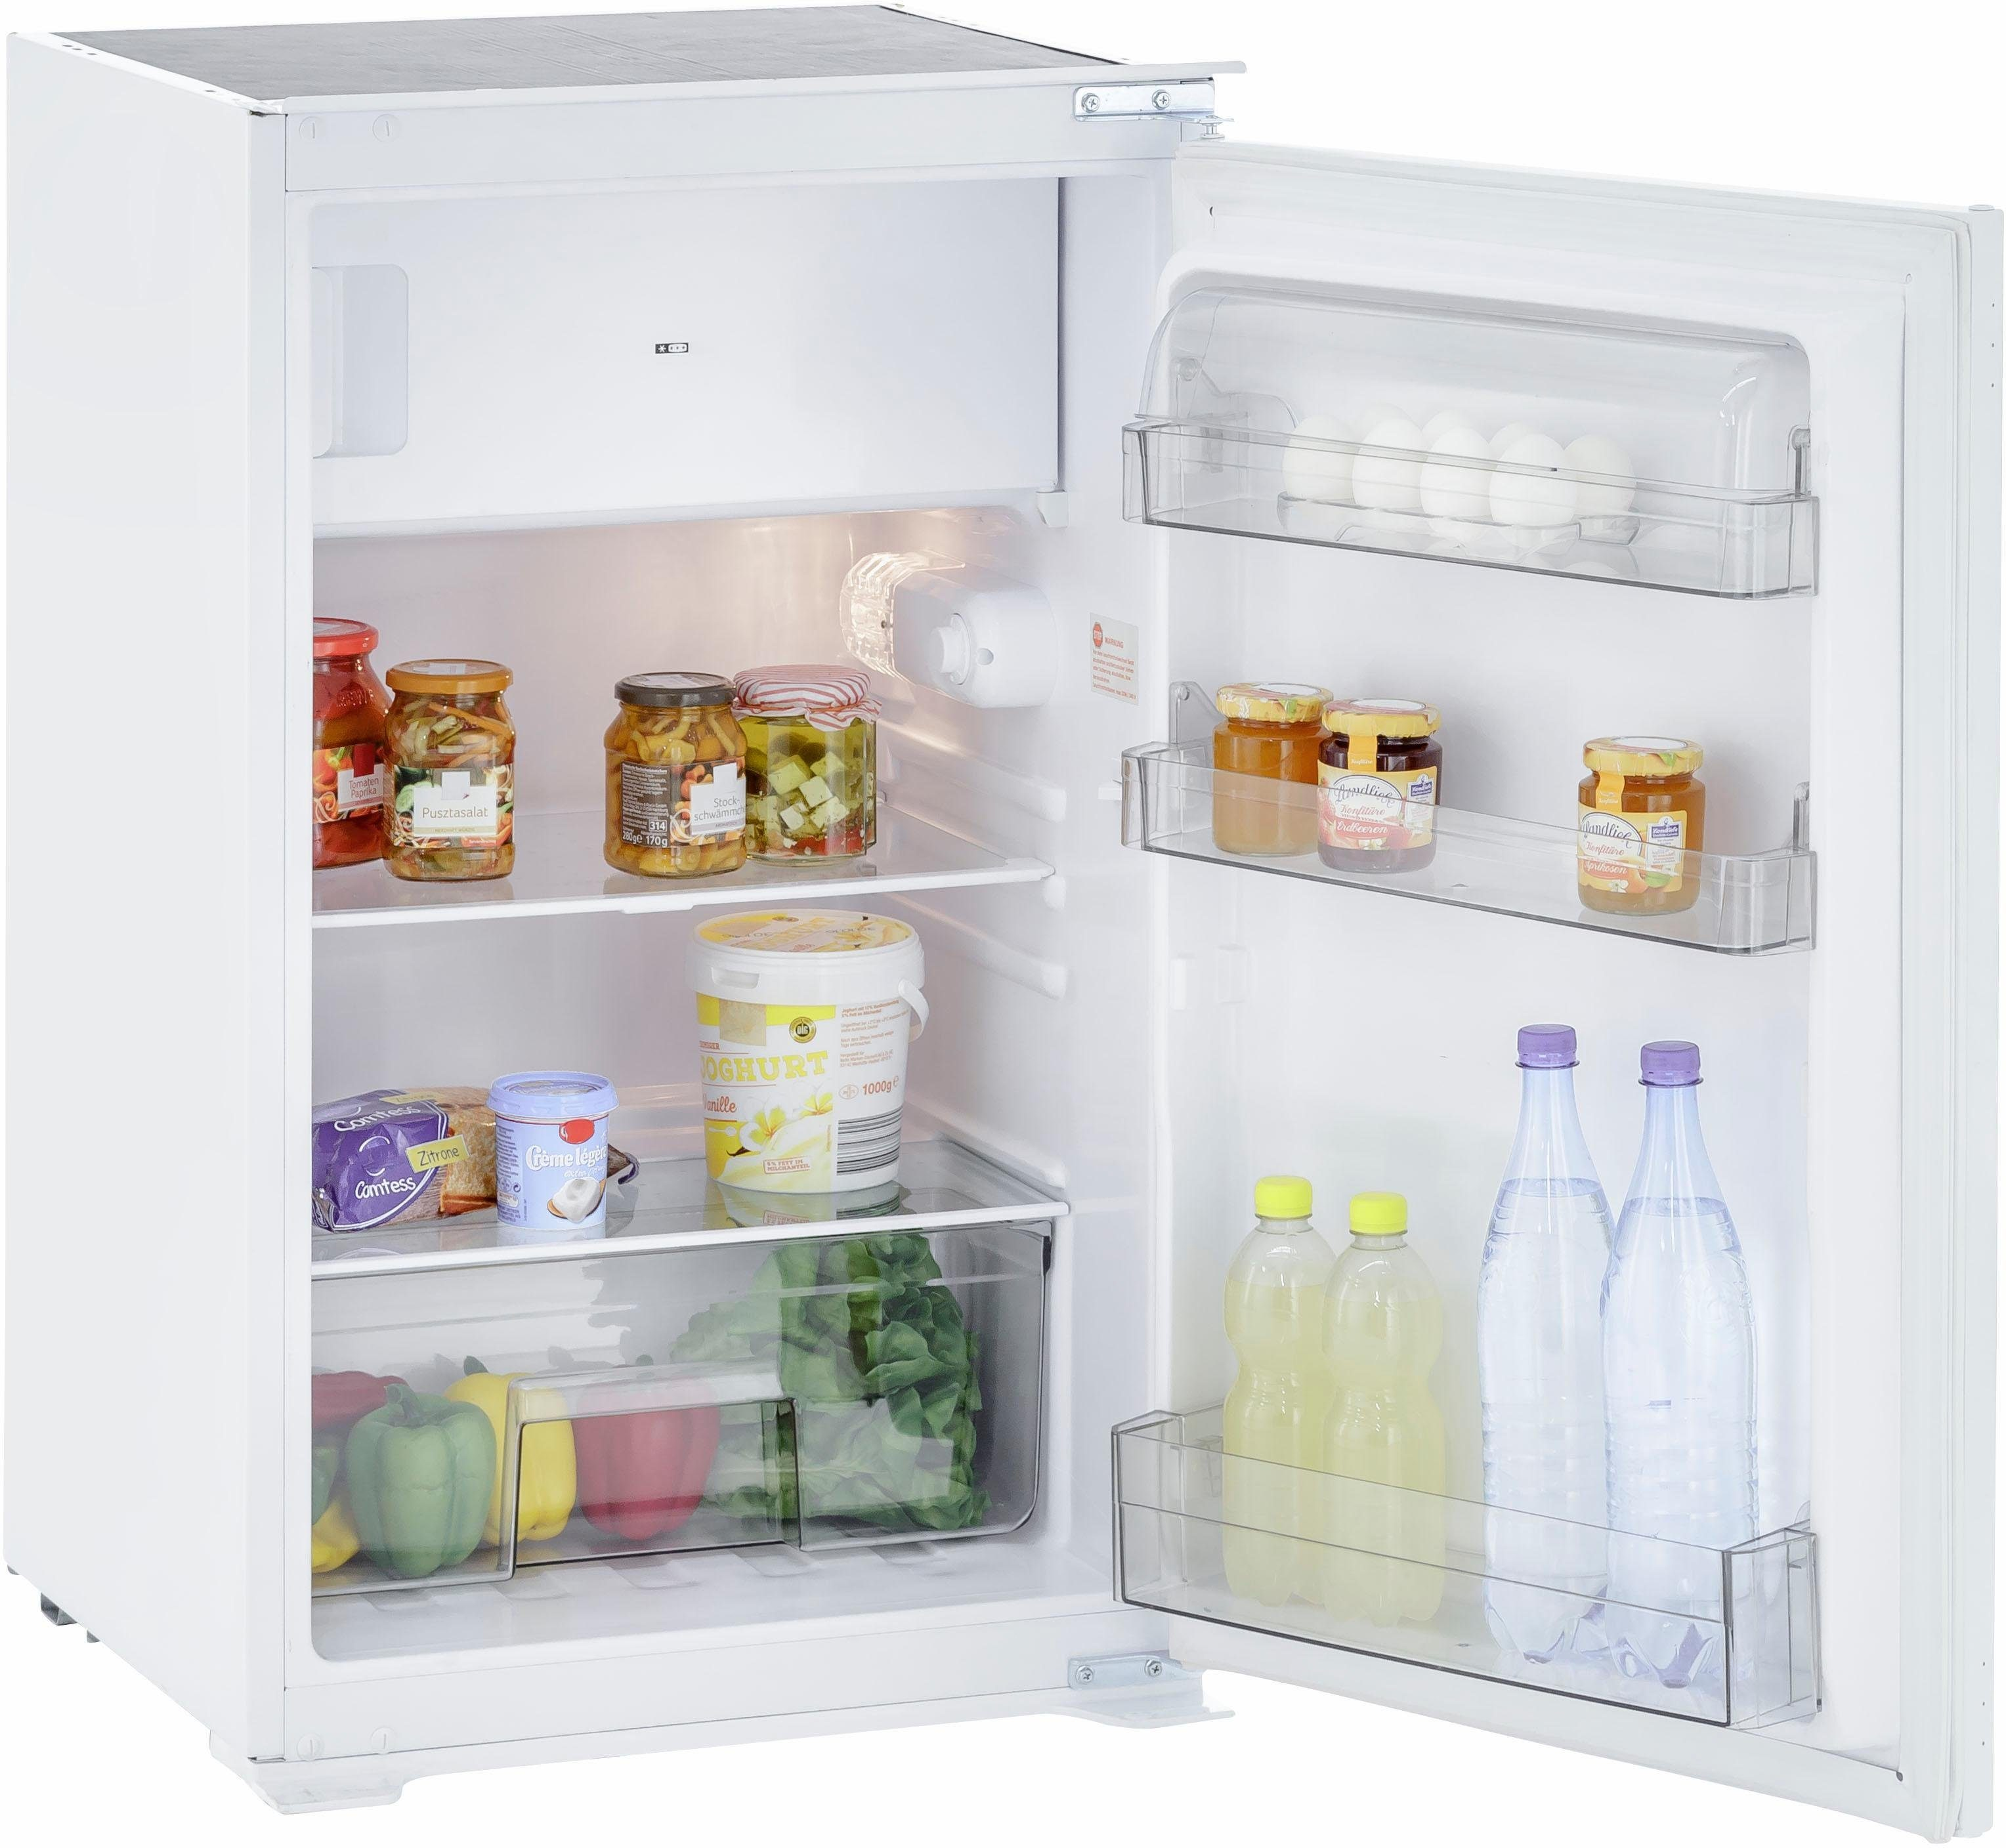 exquisit integrierbarer Einbau-Kühlschrank EKS 131-4.2 A++